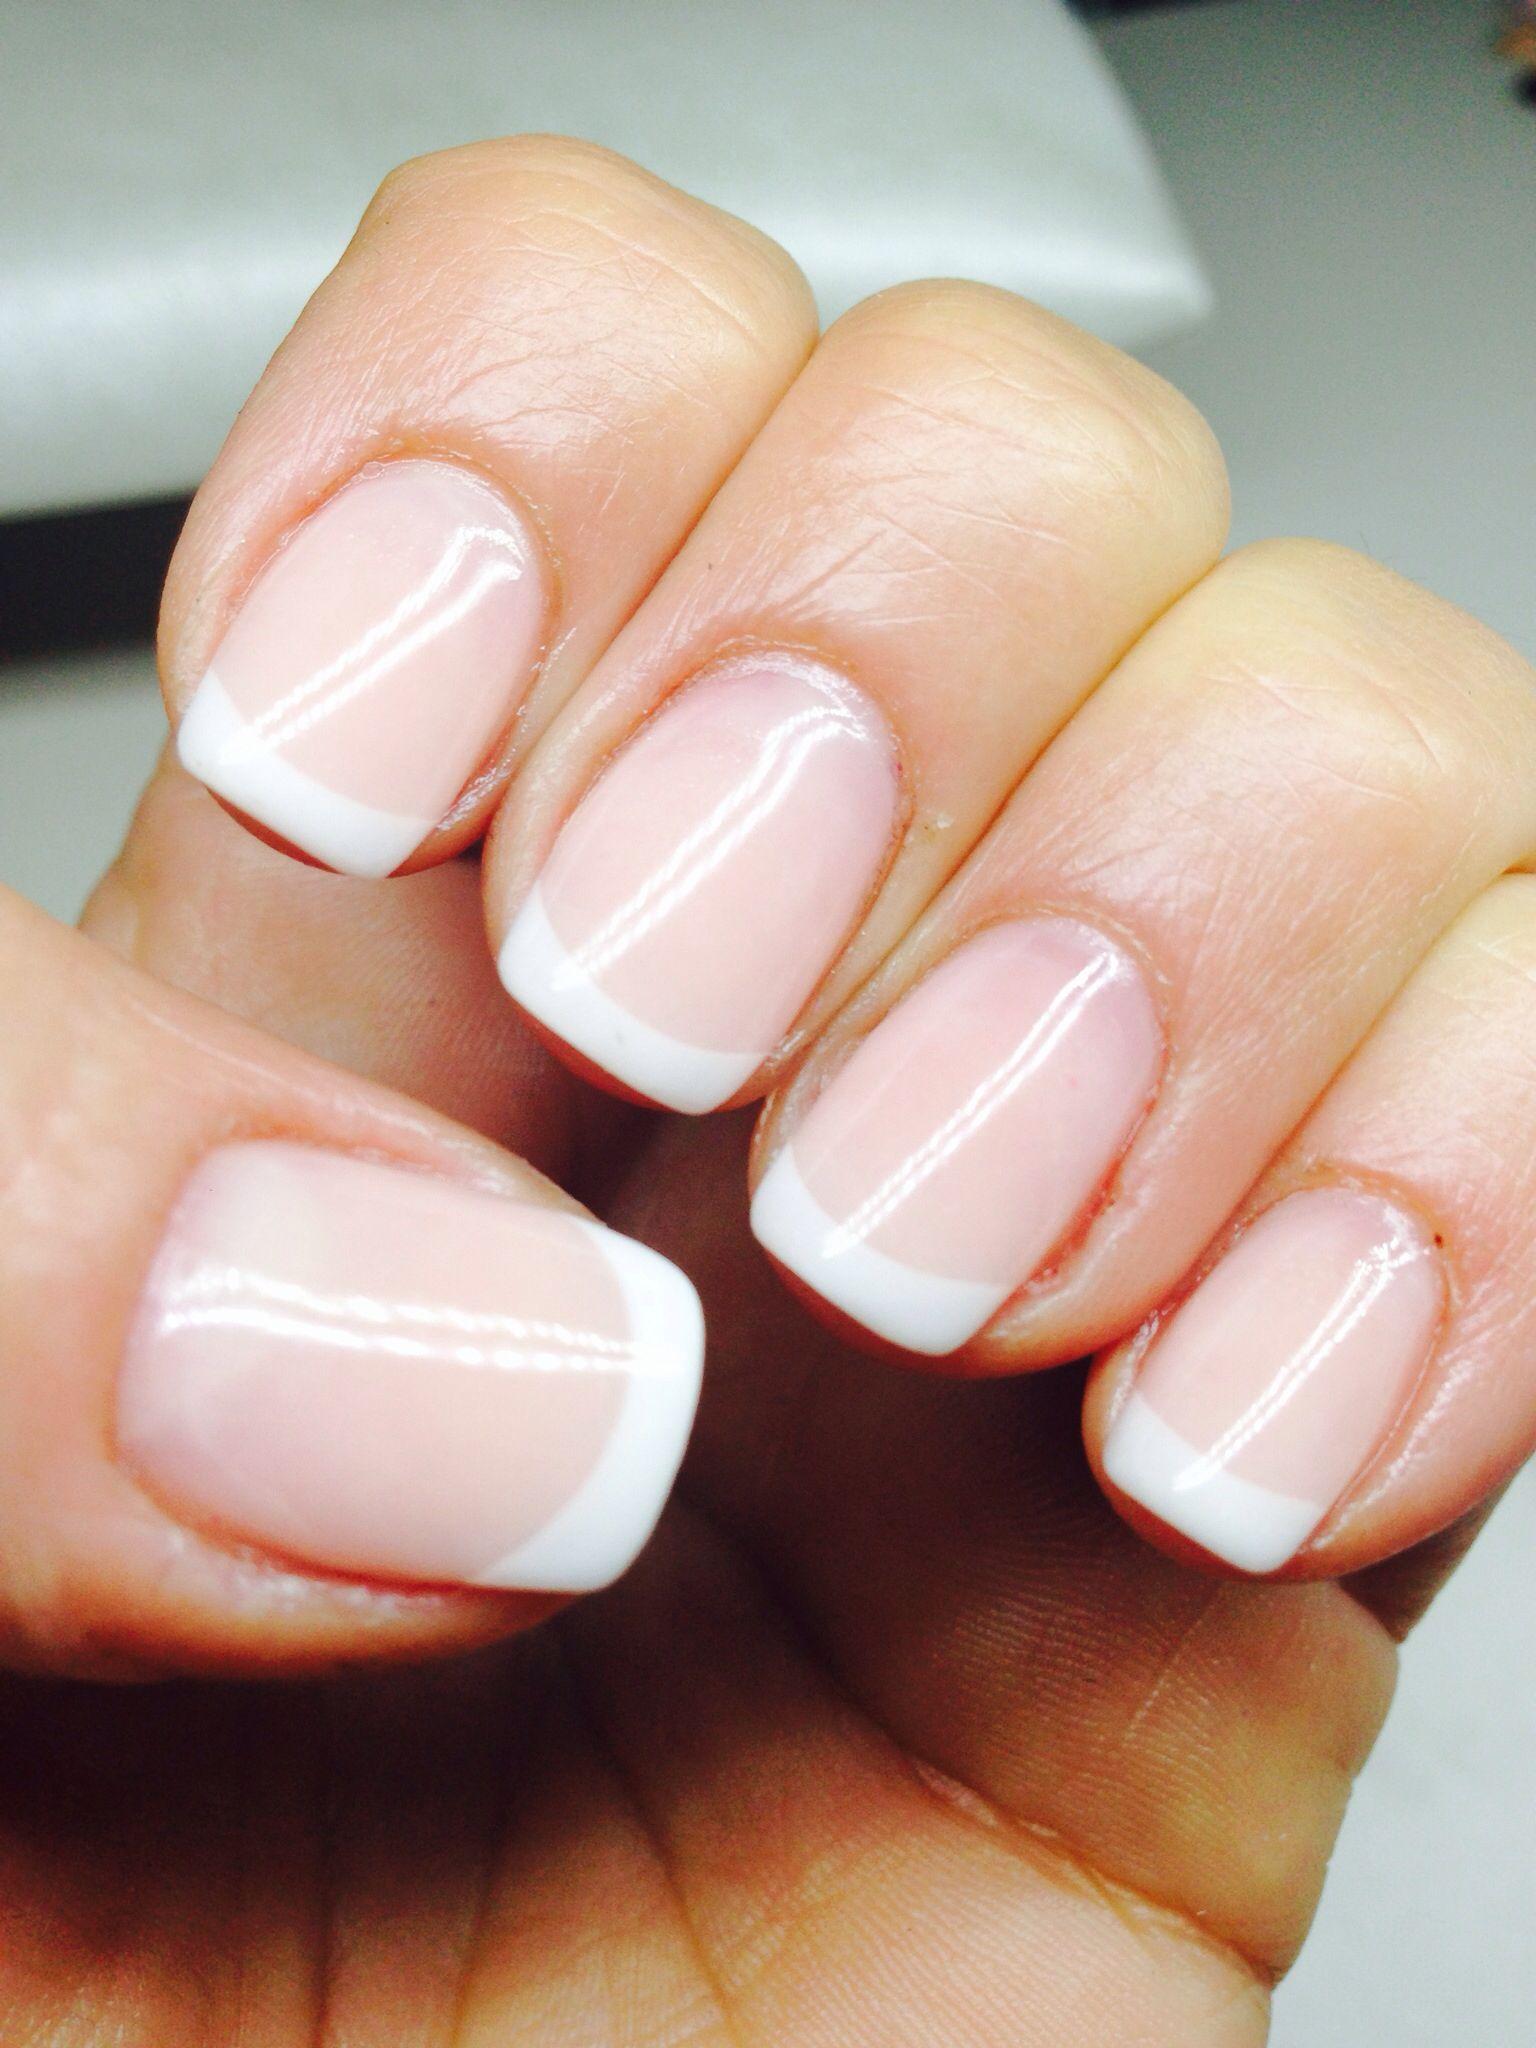 french natural nails nail design